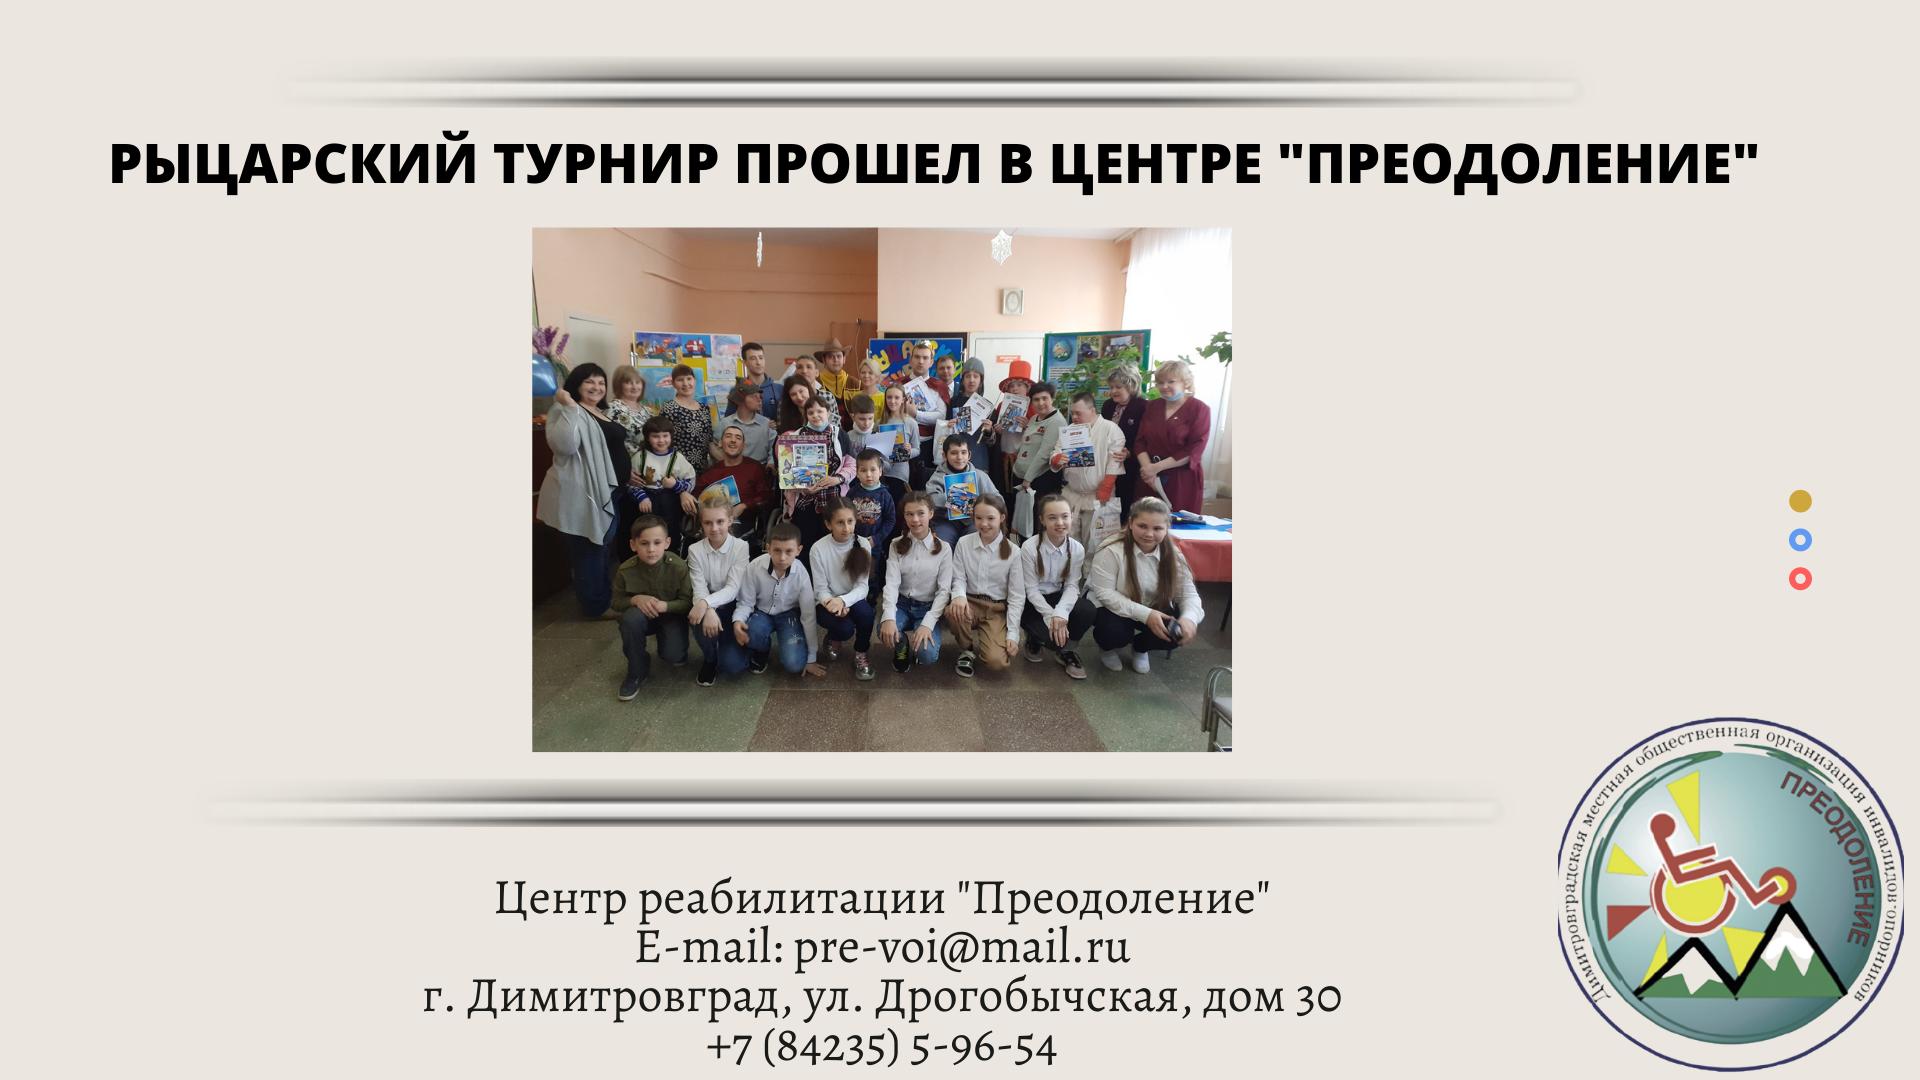 """РЫЦАРСКИЙ ТУРНИР ПРОШЕЛ В ЦЕНТРЕ """"ПРЕОДОЛЕНИЕ"""""""